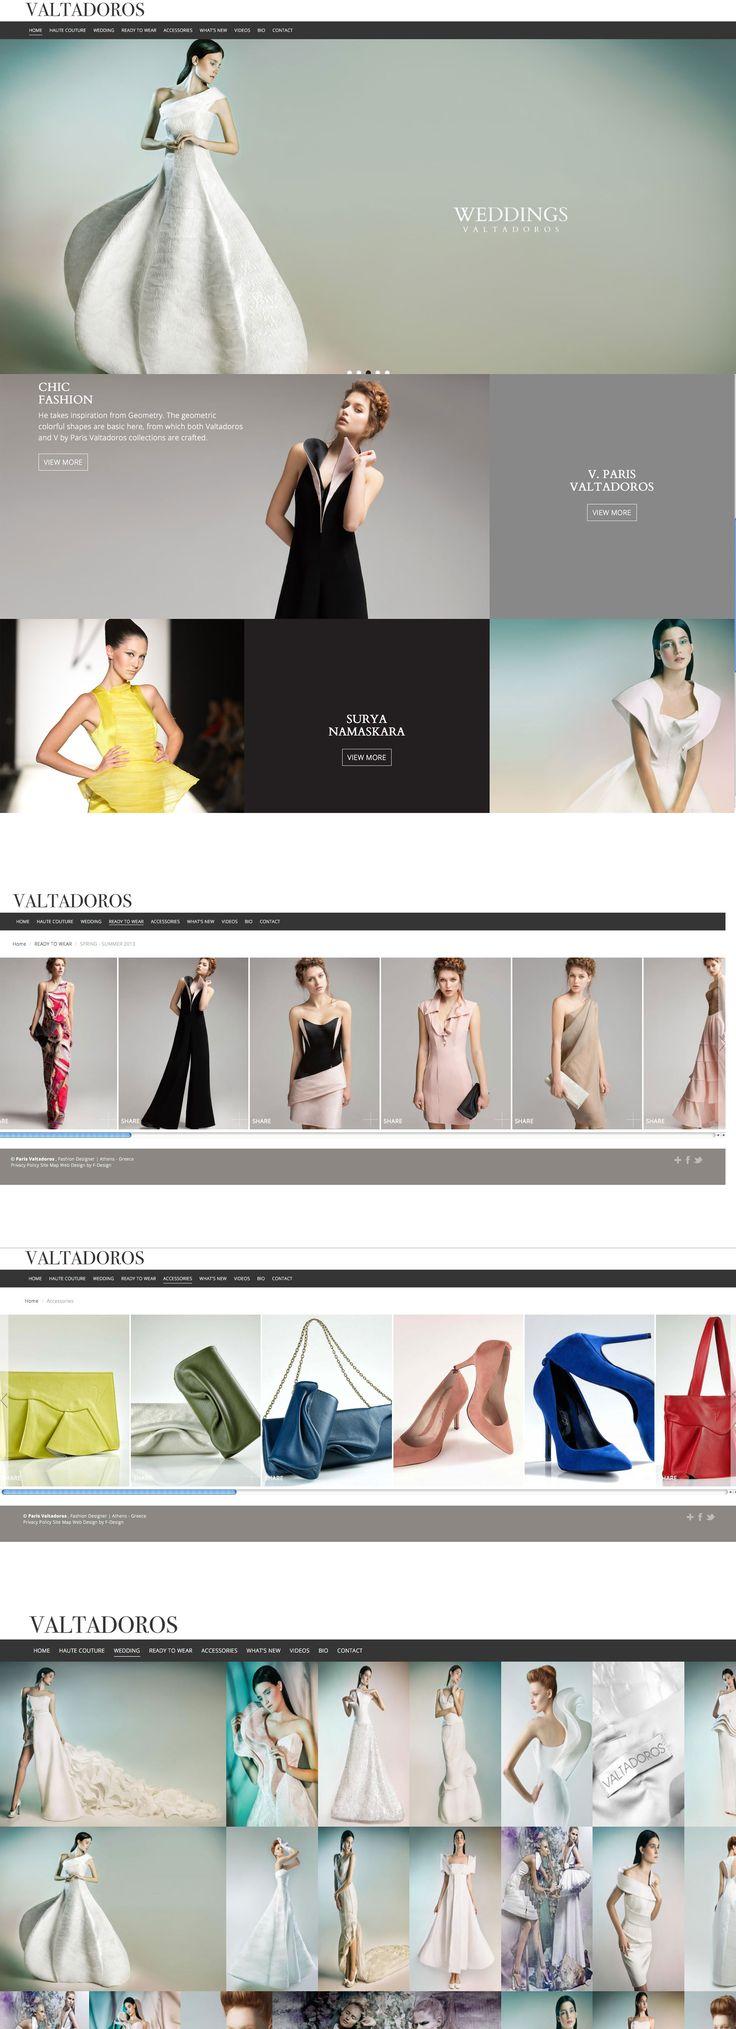 Website for fashion designer Paris Valtadoros! http://www.parisvaltadoros.com/